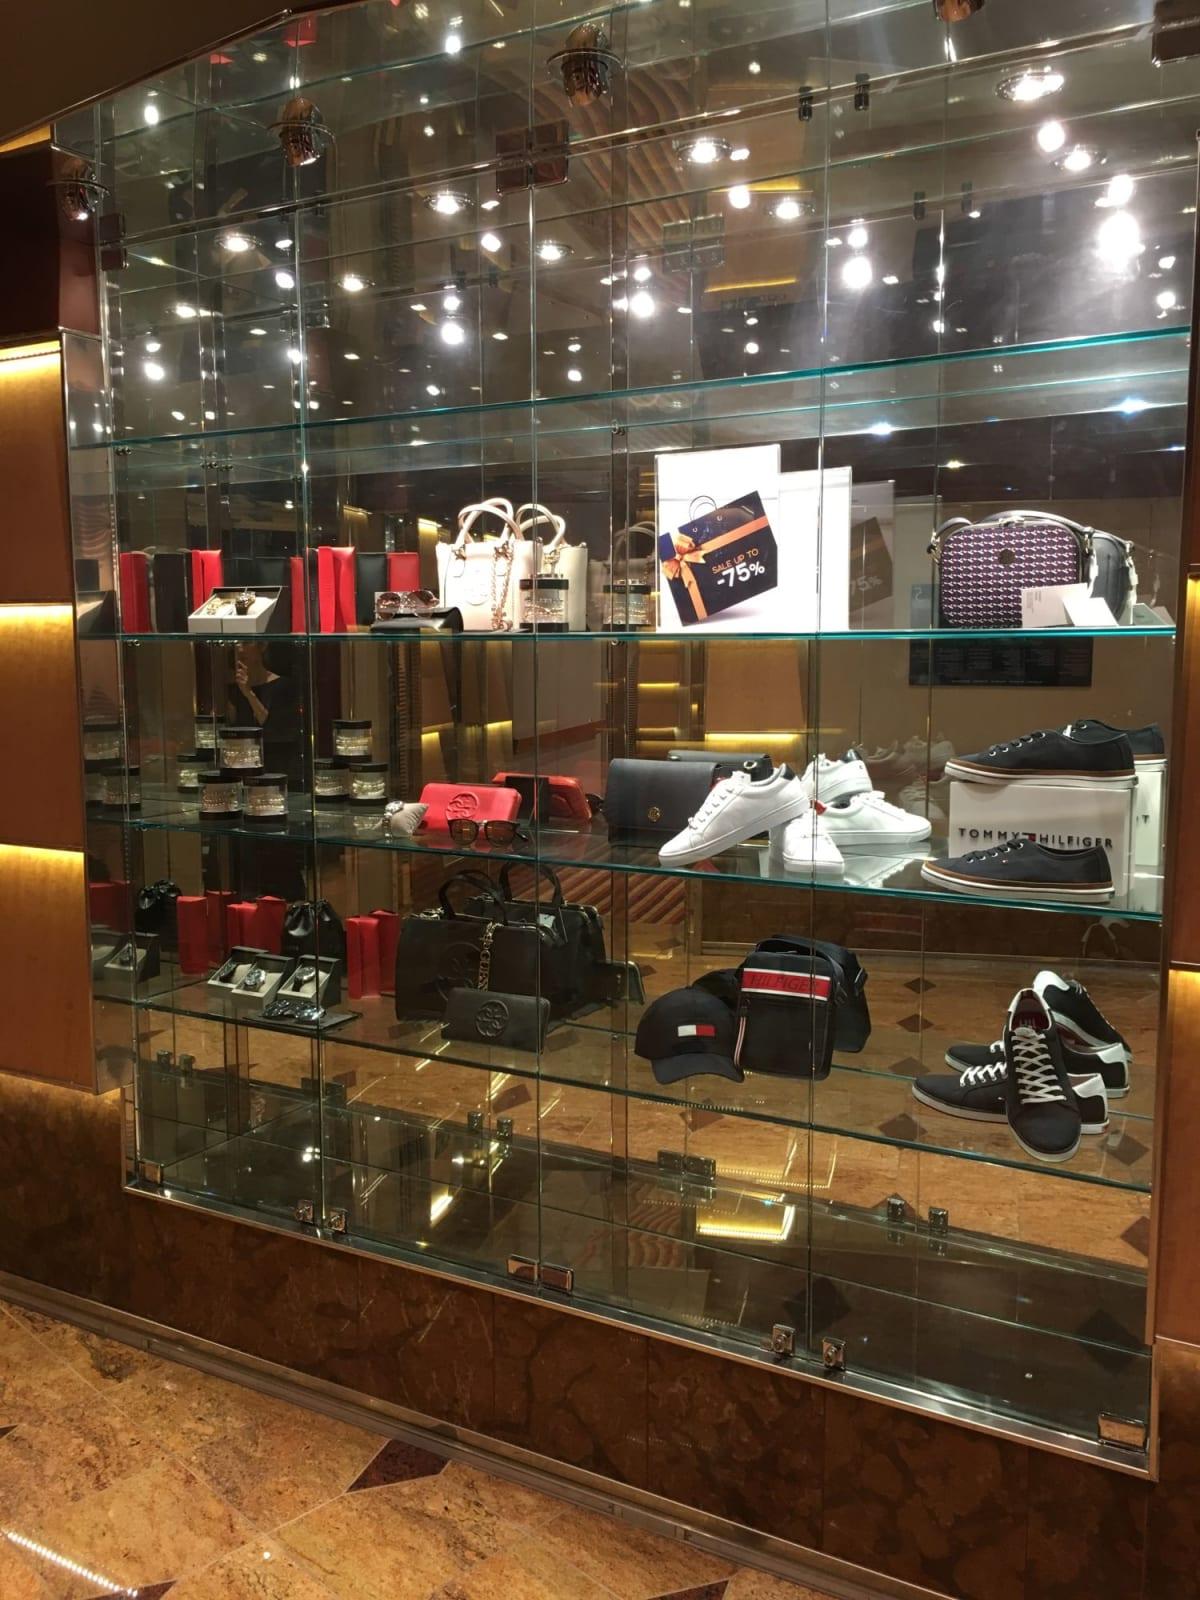 廊下にある免税店ショーケース(お店の写真撮り忘れました)時計、鞄、服、香水がメインです。お店はもう少し華やかです。 | 客船コスタ・ファシノーザの船内施設